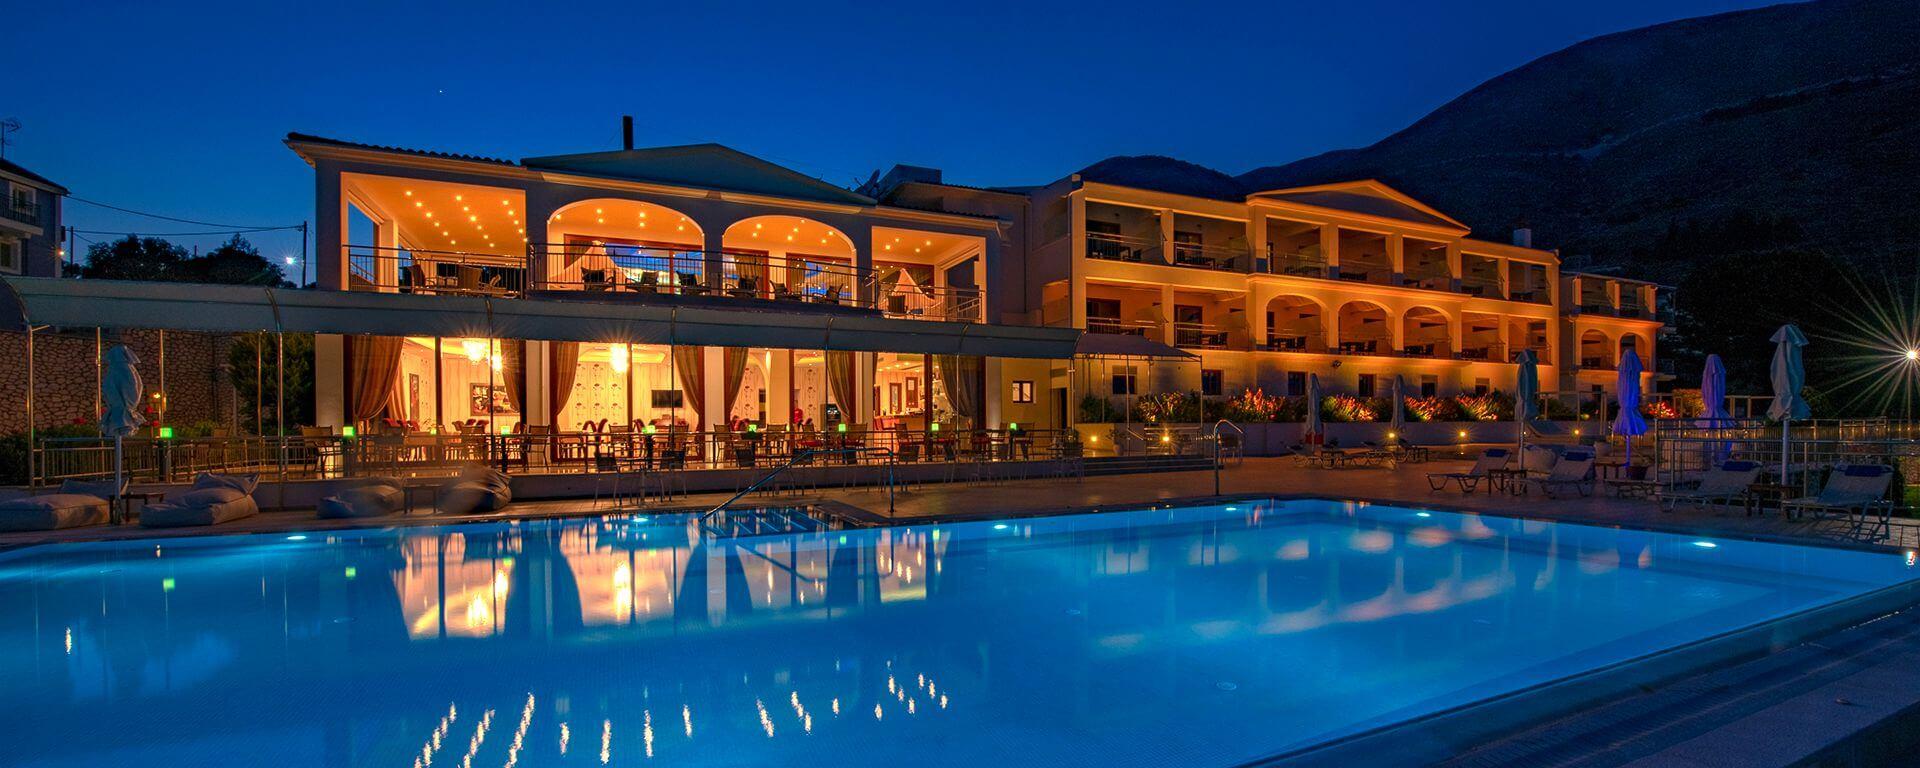 Καλώς ήρθατε στο ξενοδοχείο Οδύσσεια!